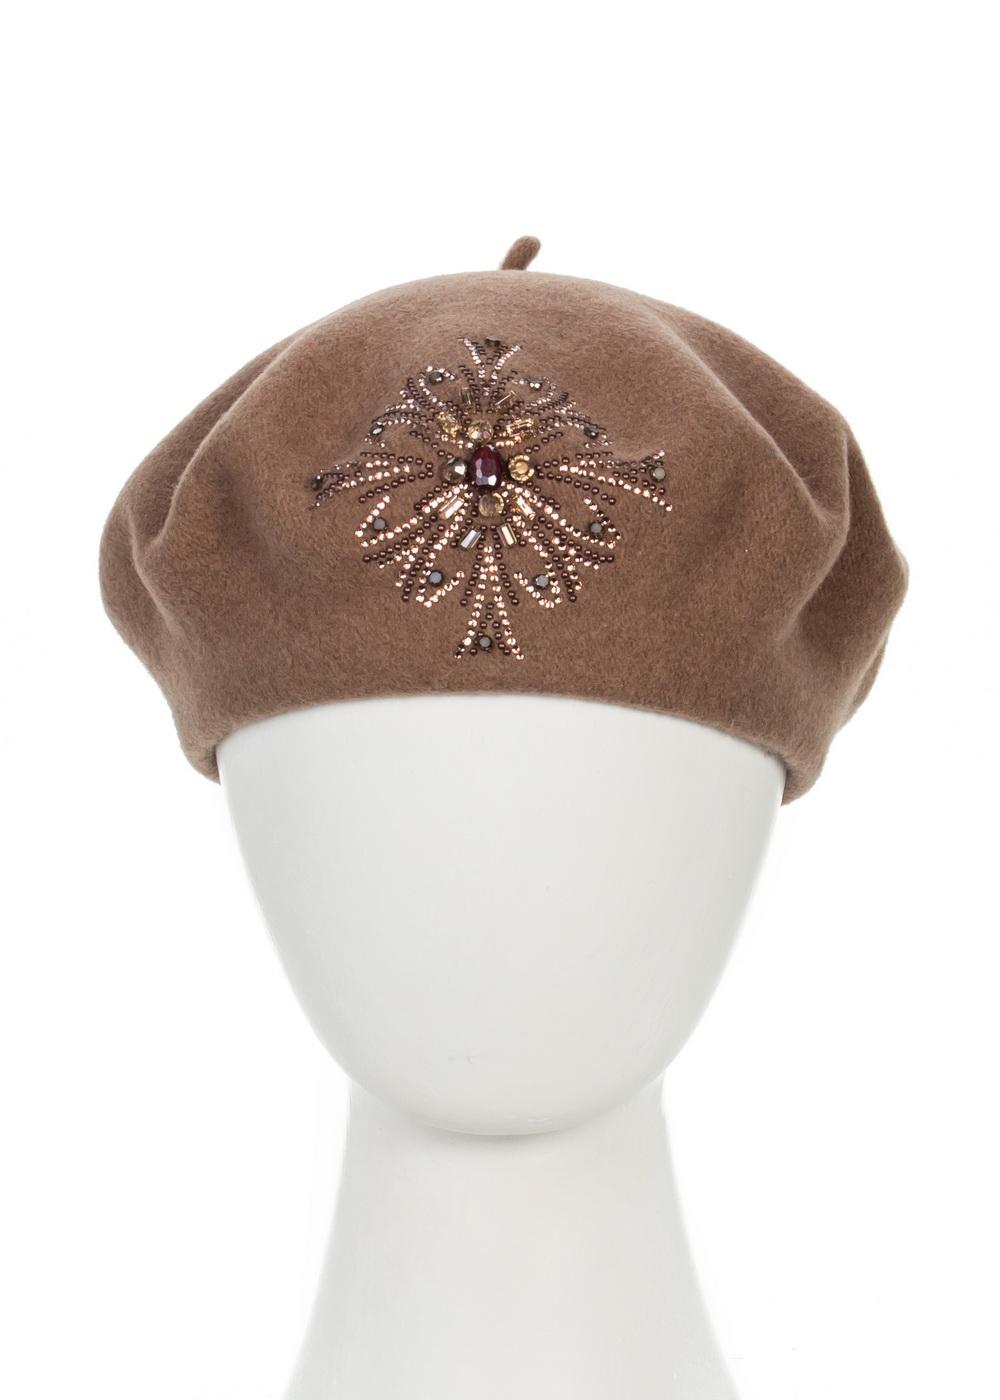 998803Теплый берет Avanta Verginia, выполненный из натуральной шерсти, отлично дополнит ваш образ в холодную погоду. Модель оформлена оригинальным узором выложенным из страз и камней. Такой берет, составит идеальный комплект с модной верхней одеждой, в нем вам будет уютно и тепло! Уважаемые клиенты! Размер, доступный для заказа, является обхватом головы.